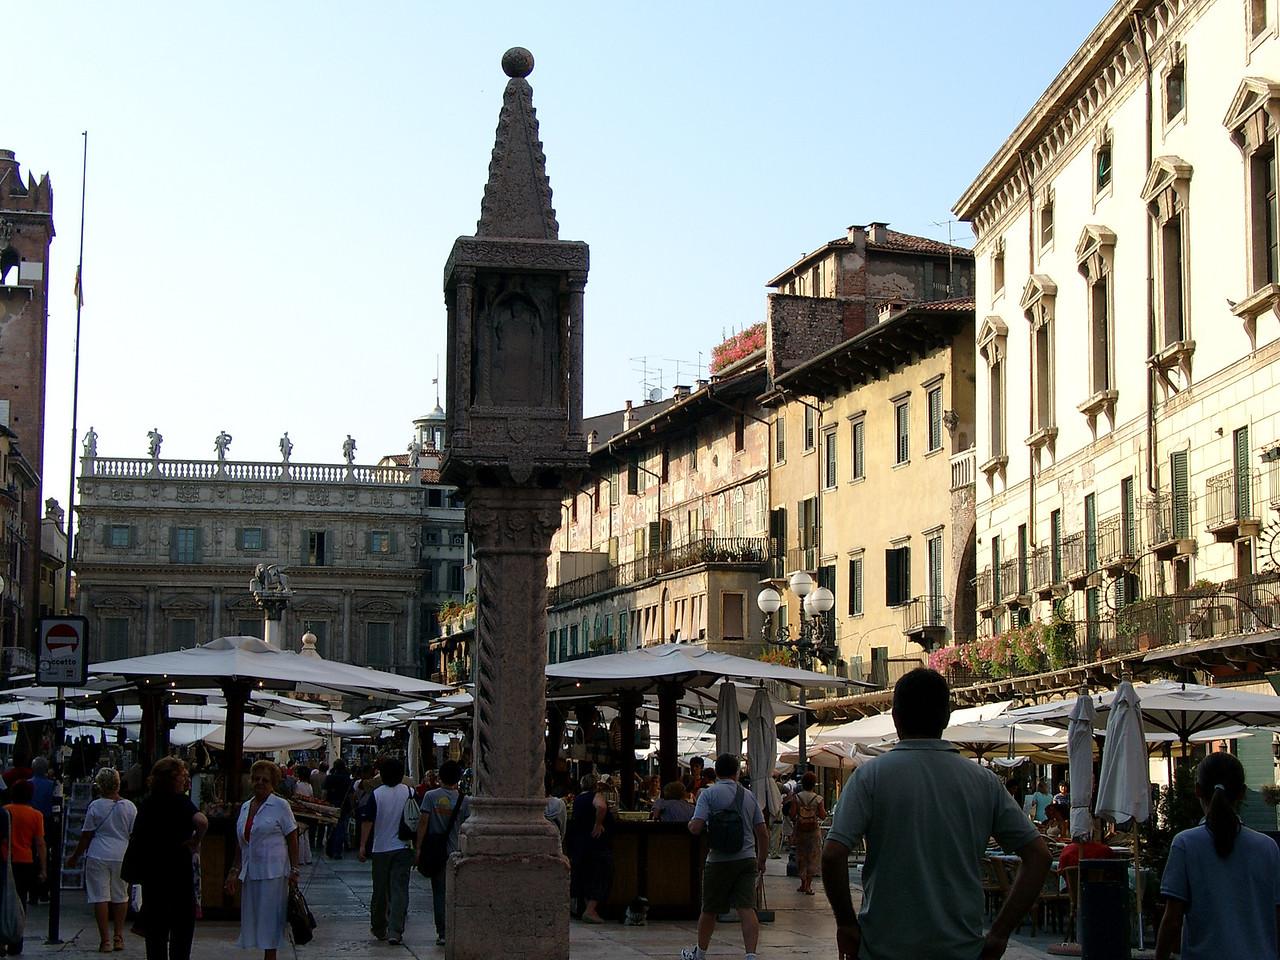 Verona - Piazza dell'Erbe